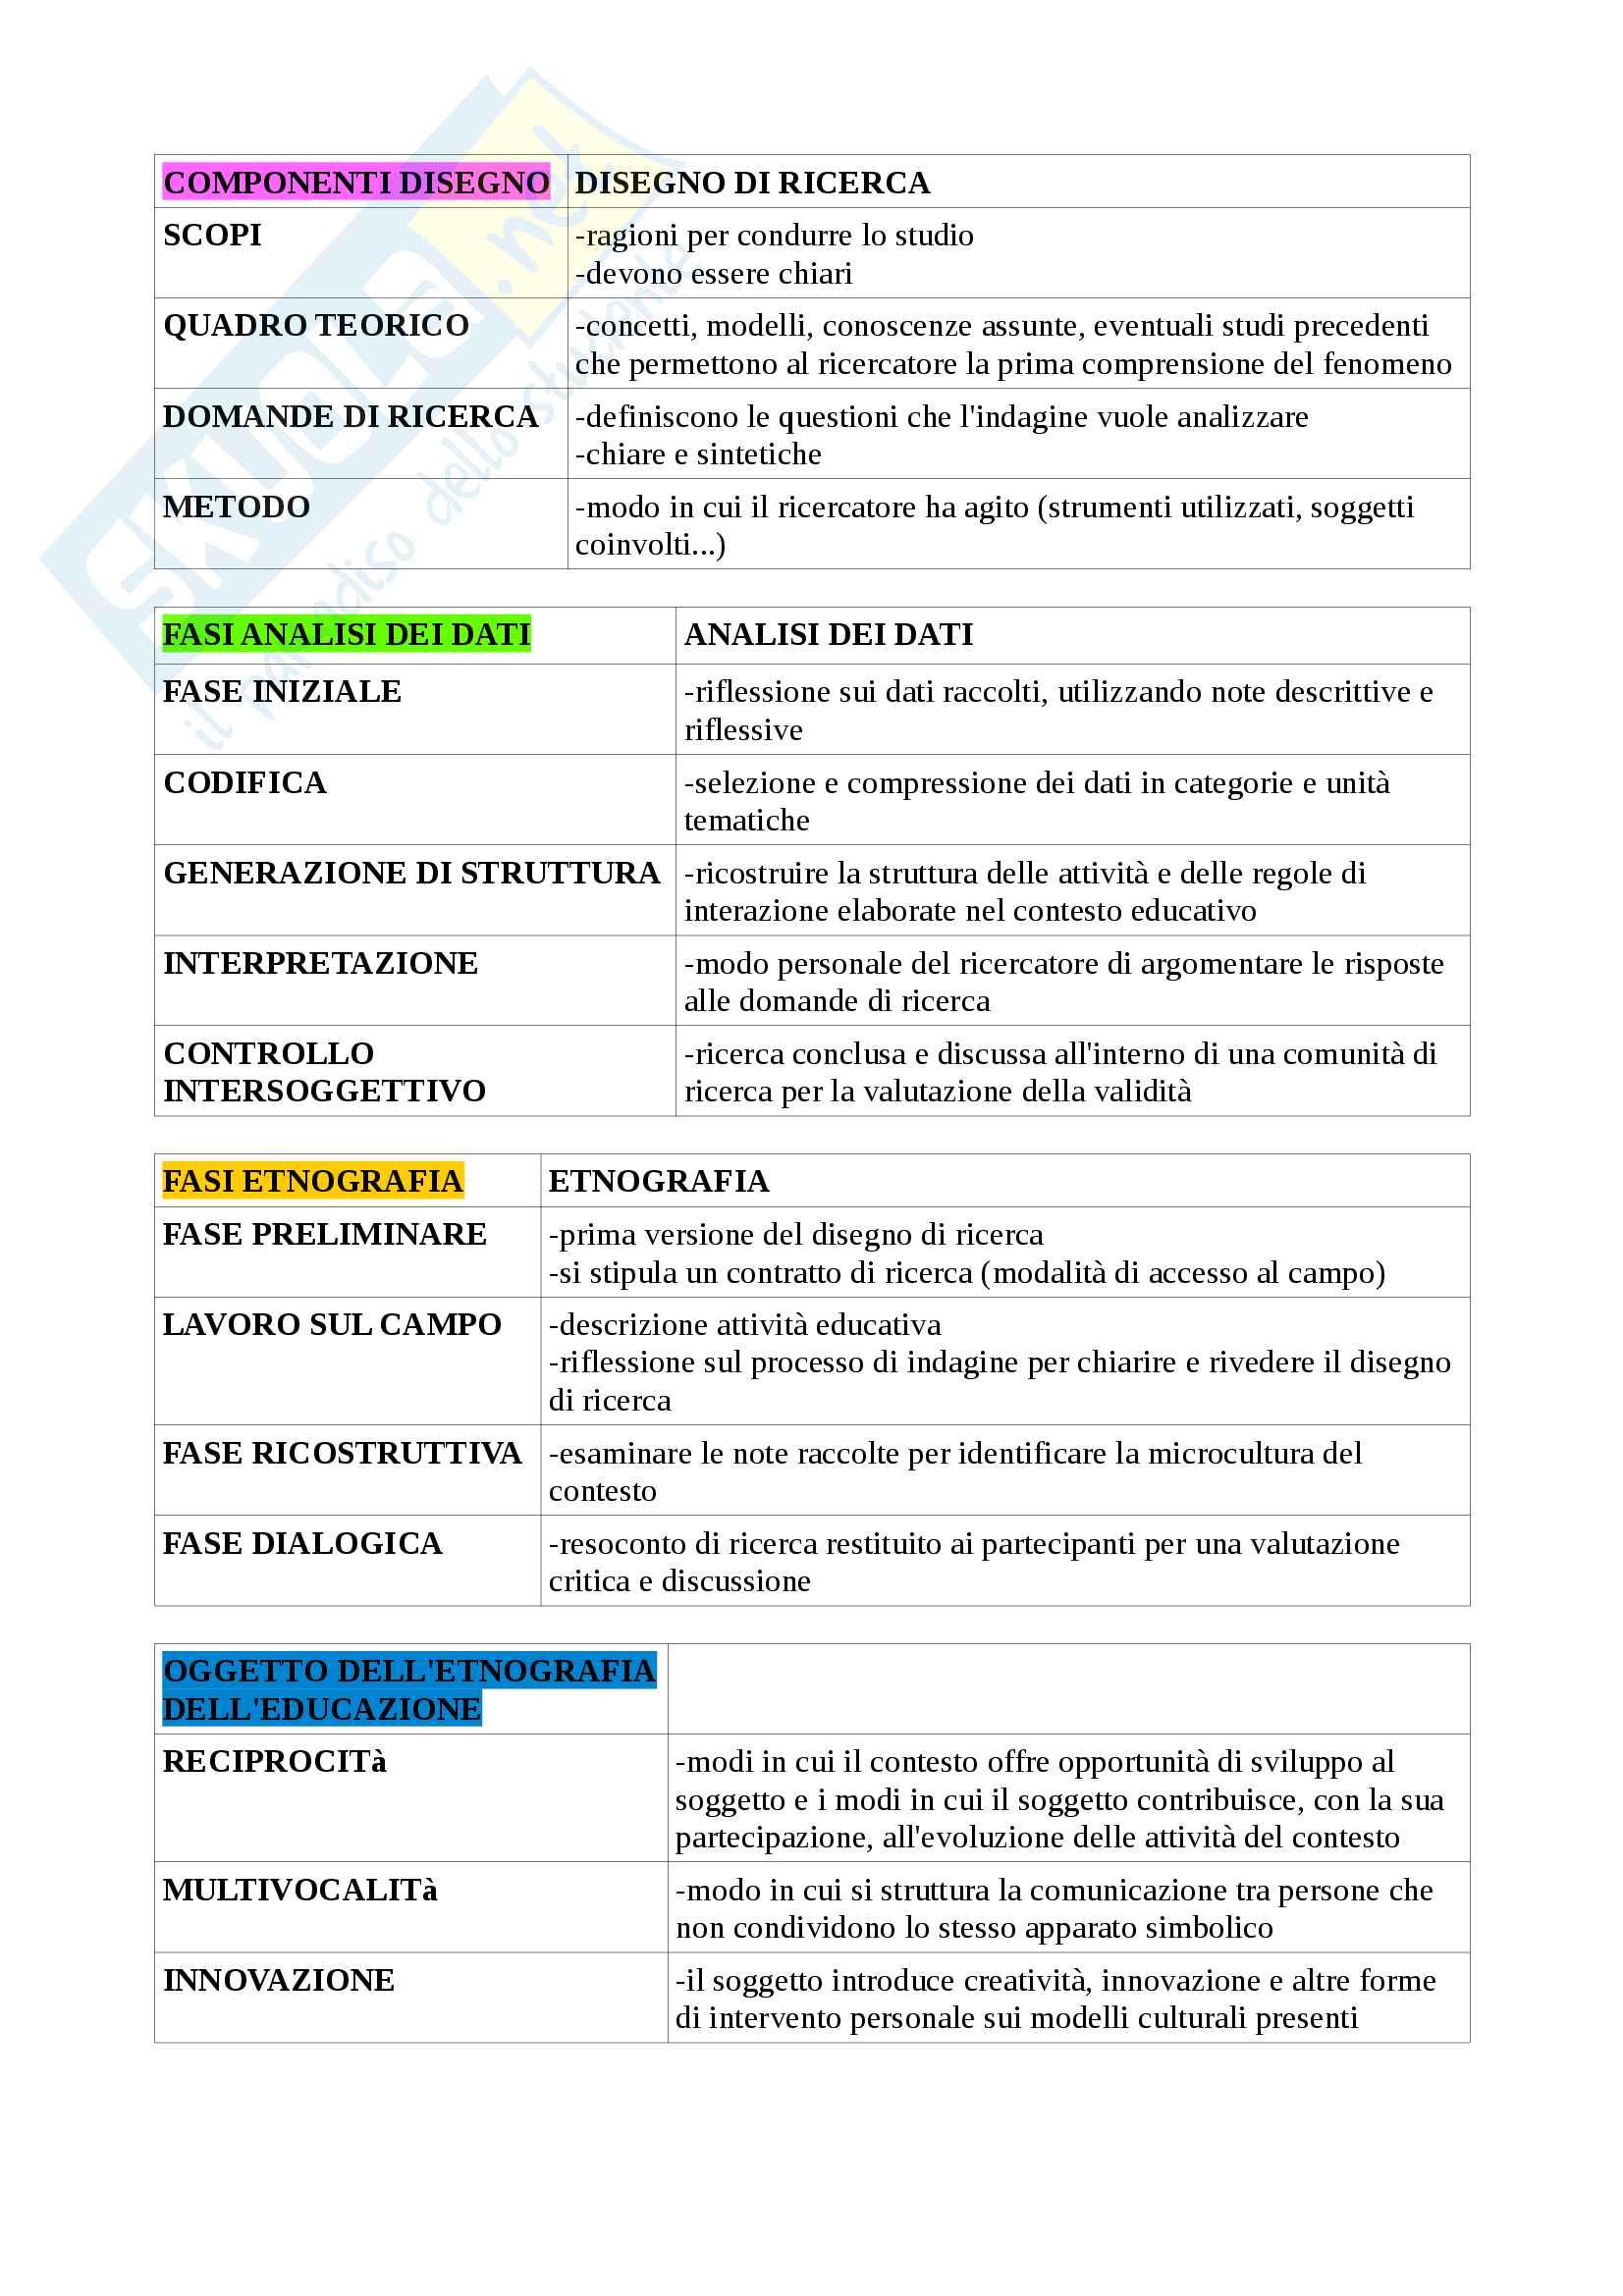 Schemi di ricerca educativa Pag. 2